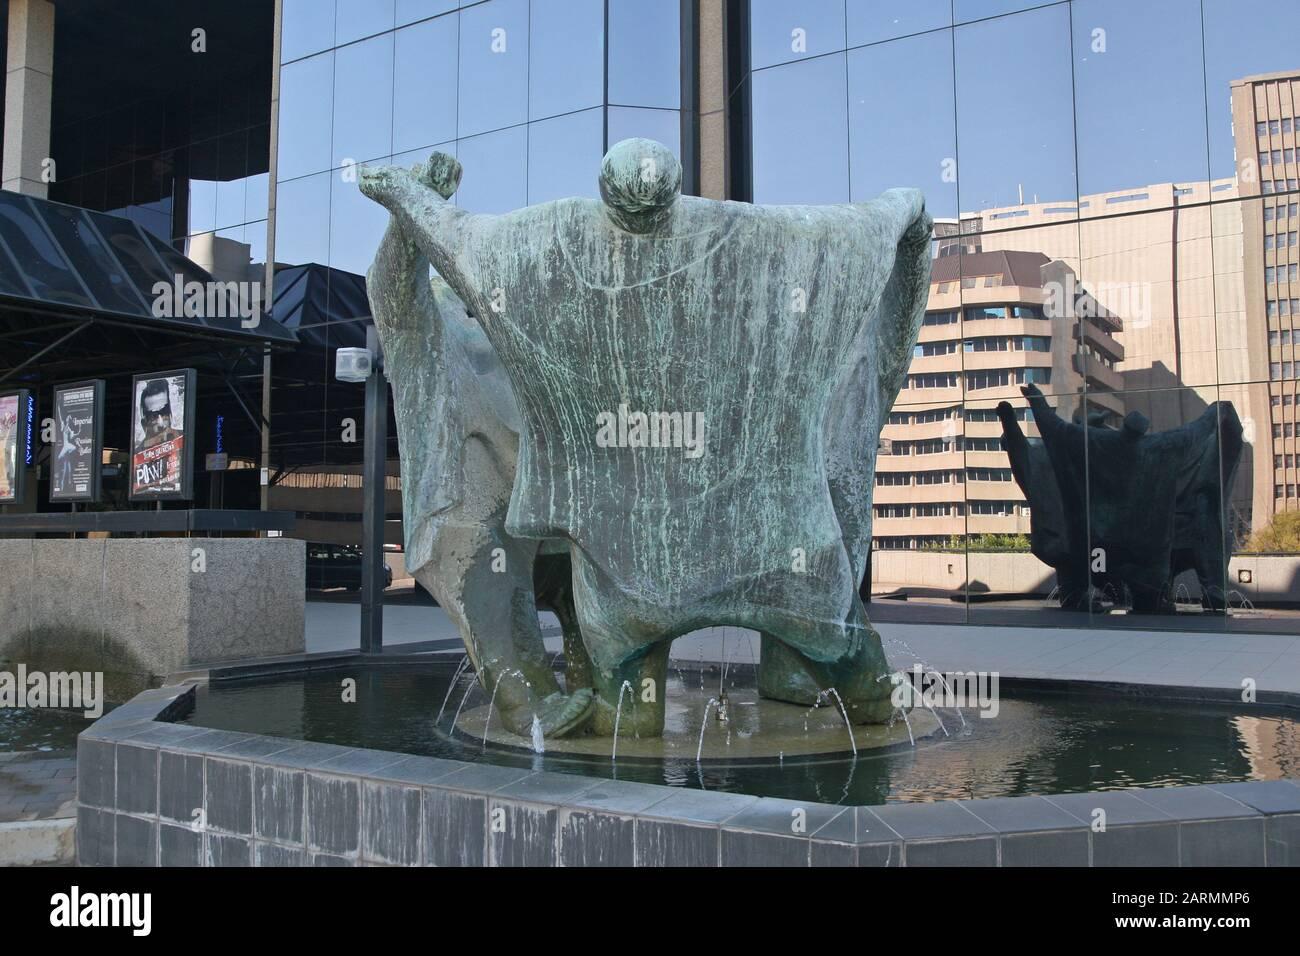 Les statues devant le théâtre de Joturg ont appelé Les Joueuses d'Ernest Ullman, Braamfontein, Johannesburg, Gauteng, Afrique du Sud. Banque D'Images